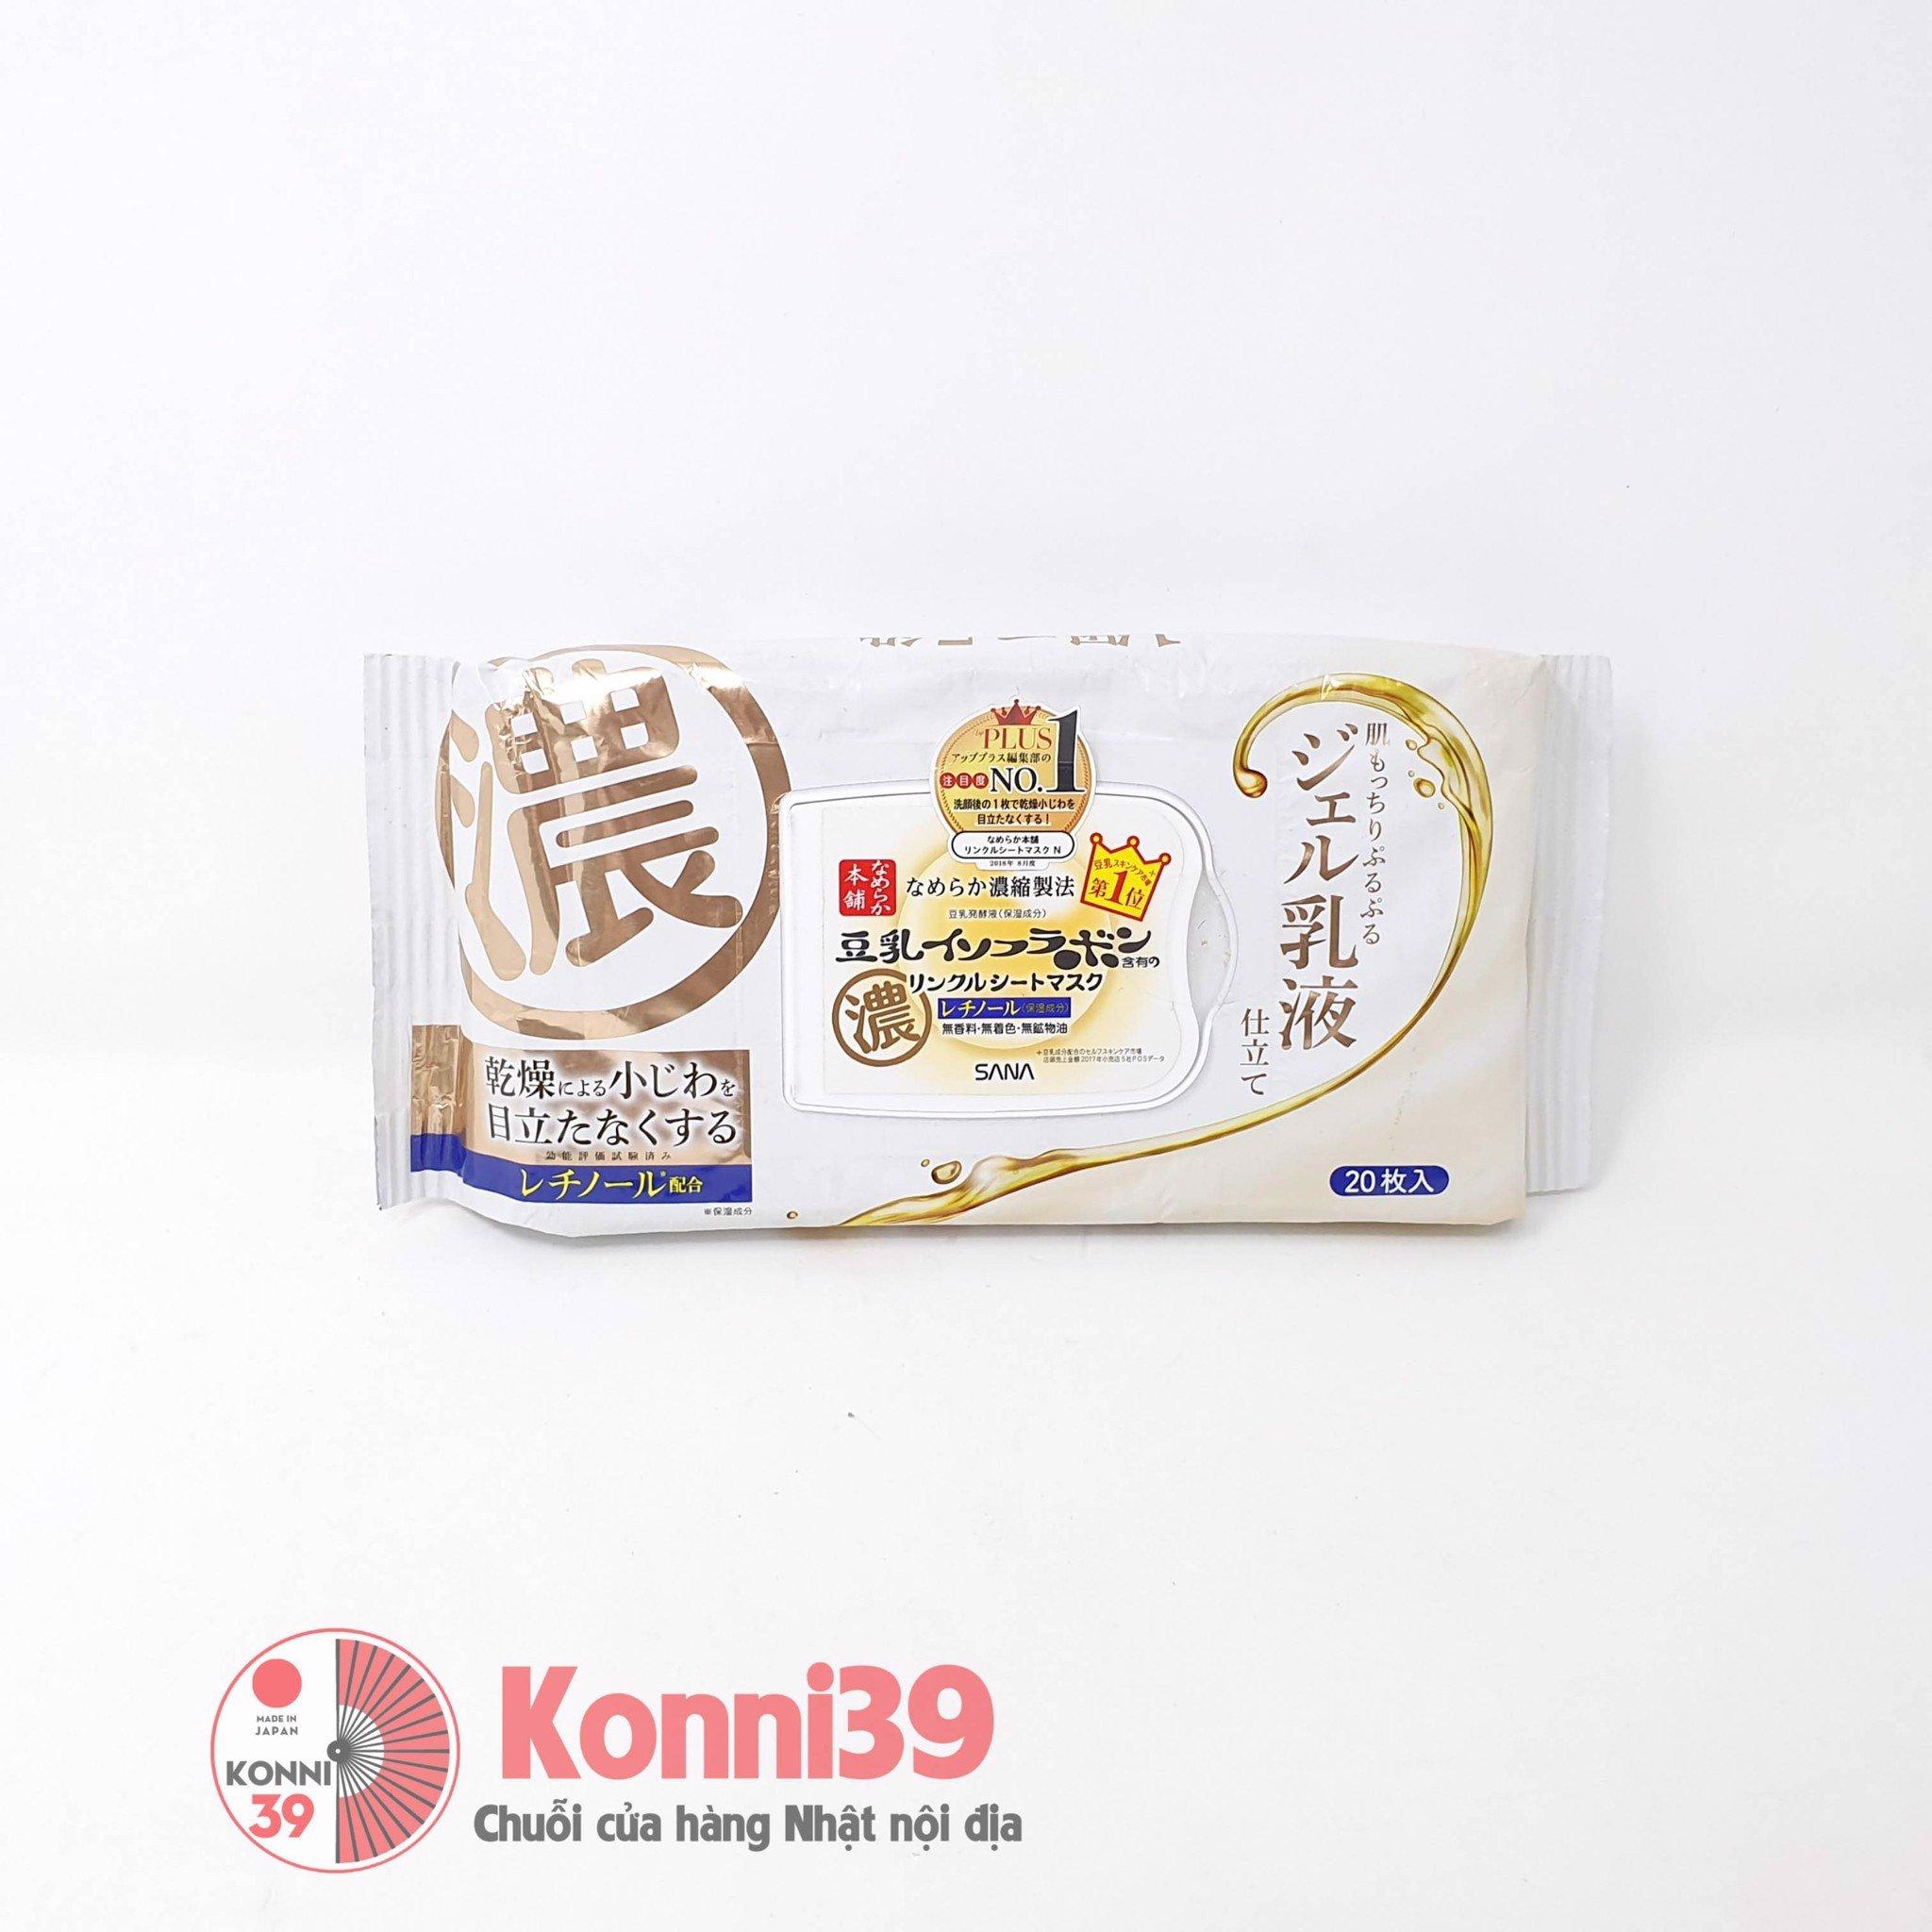 Mặt nạ SANA chiết xuất đậu nành dưỡng ẩm 20 miếng (2 loại)